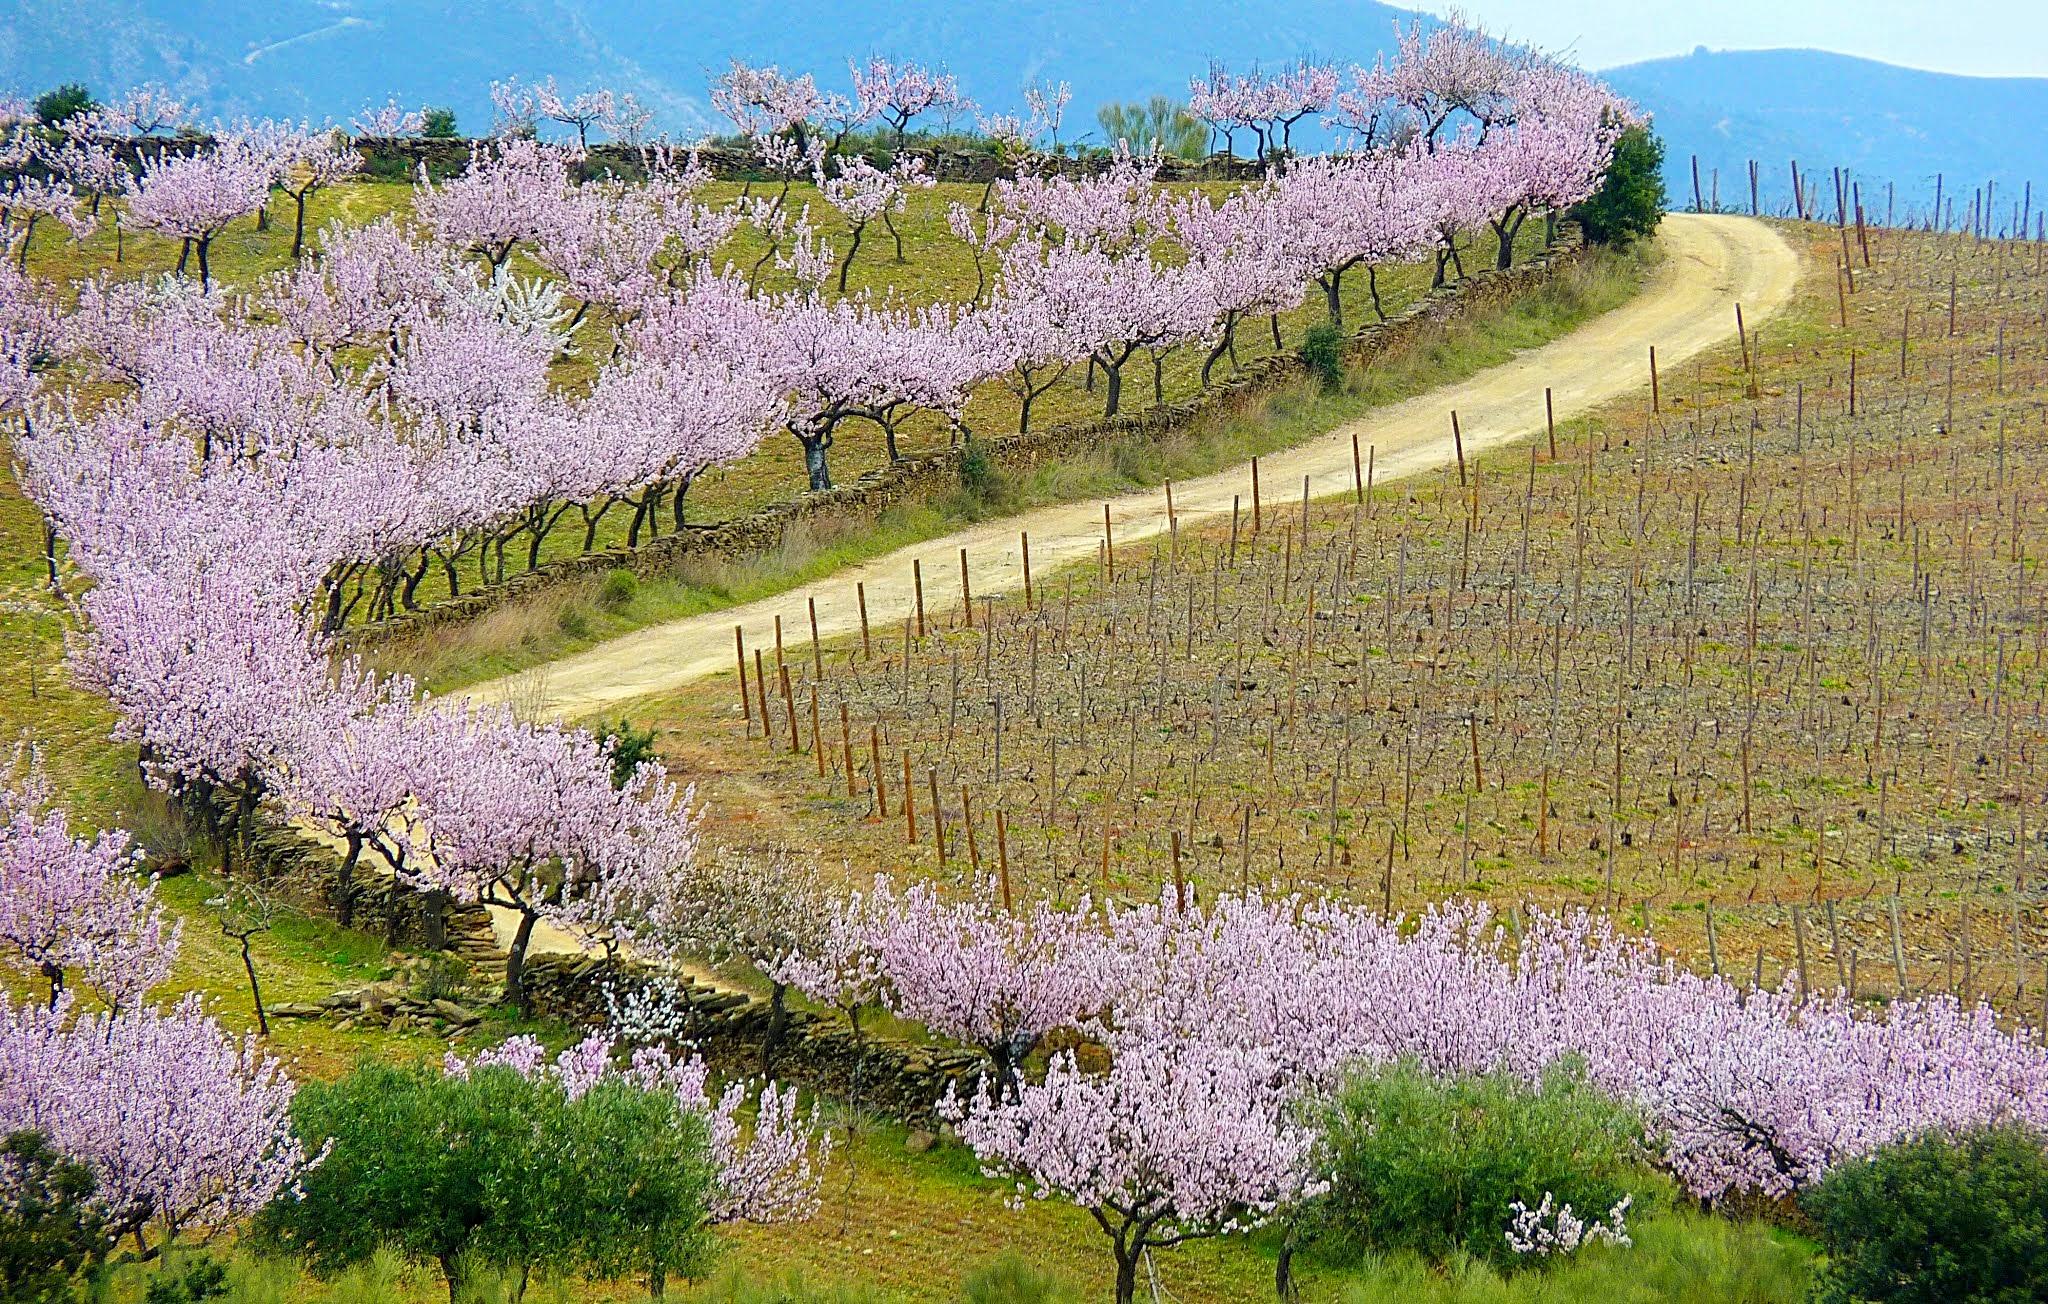 Amendoeiras em Flor (Foto: Portalraizes.com)